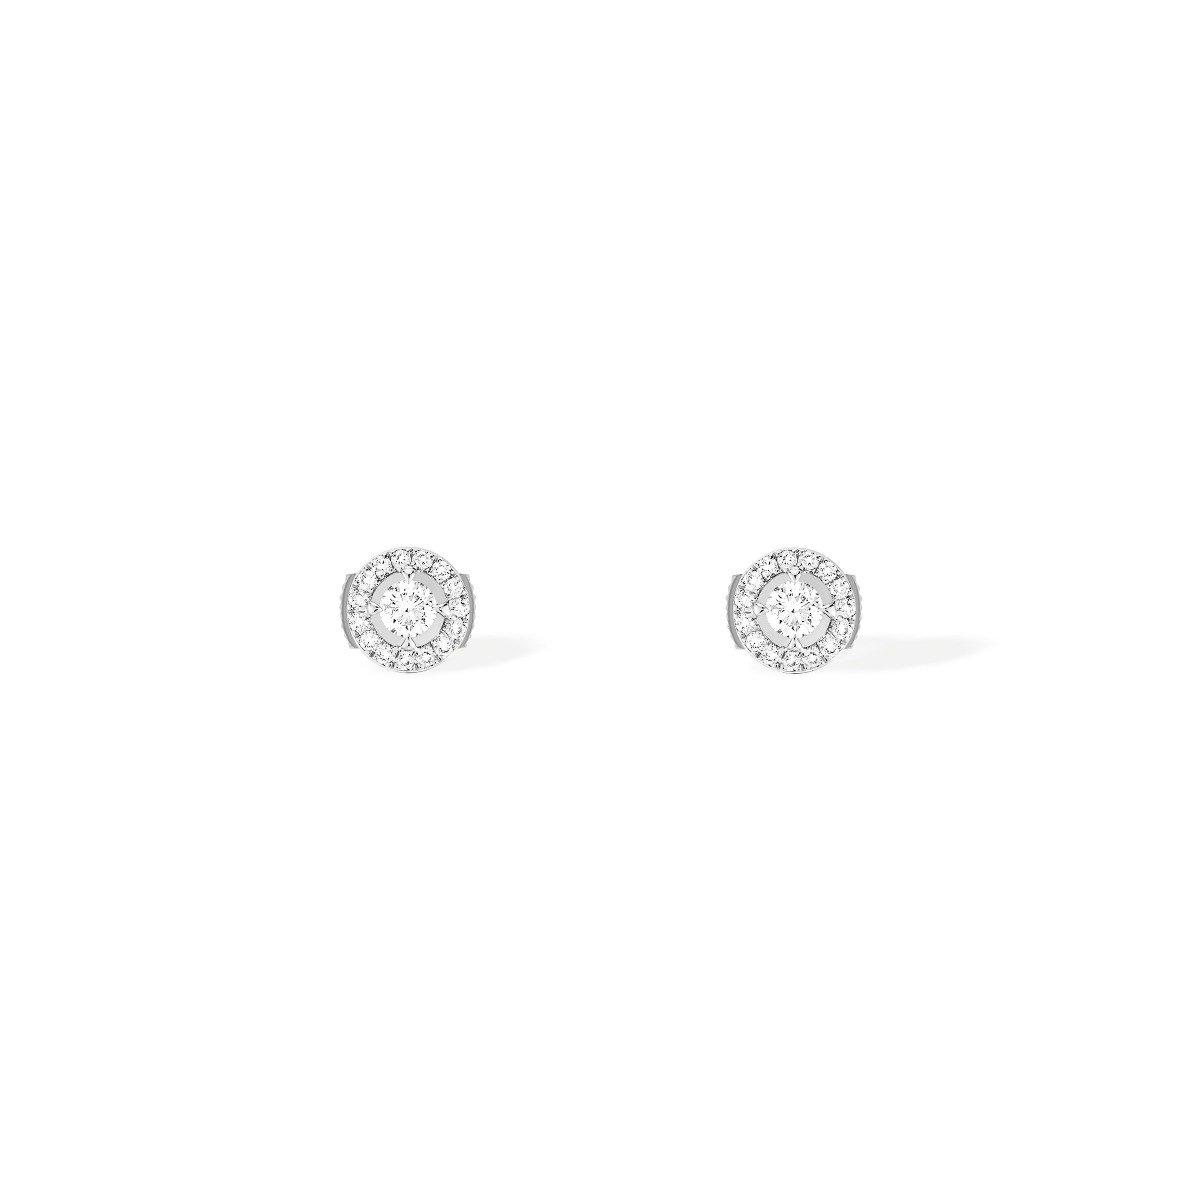 Boucles d'oreilles Messika Joy Diamants Ronds en or blanc et diamants vue 1